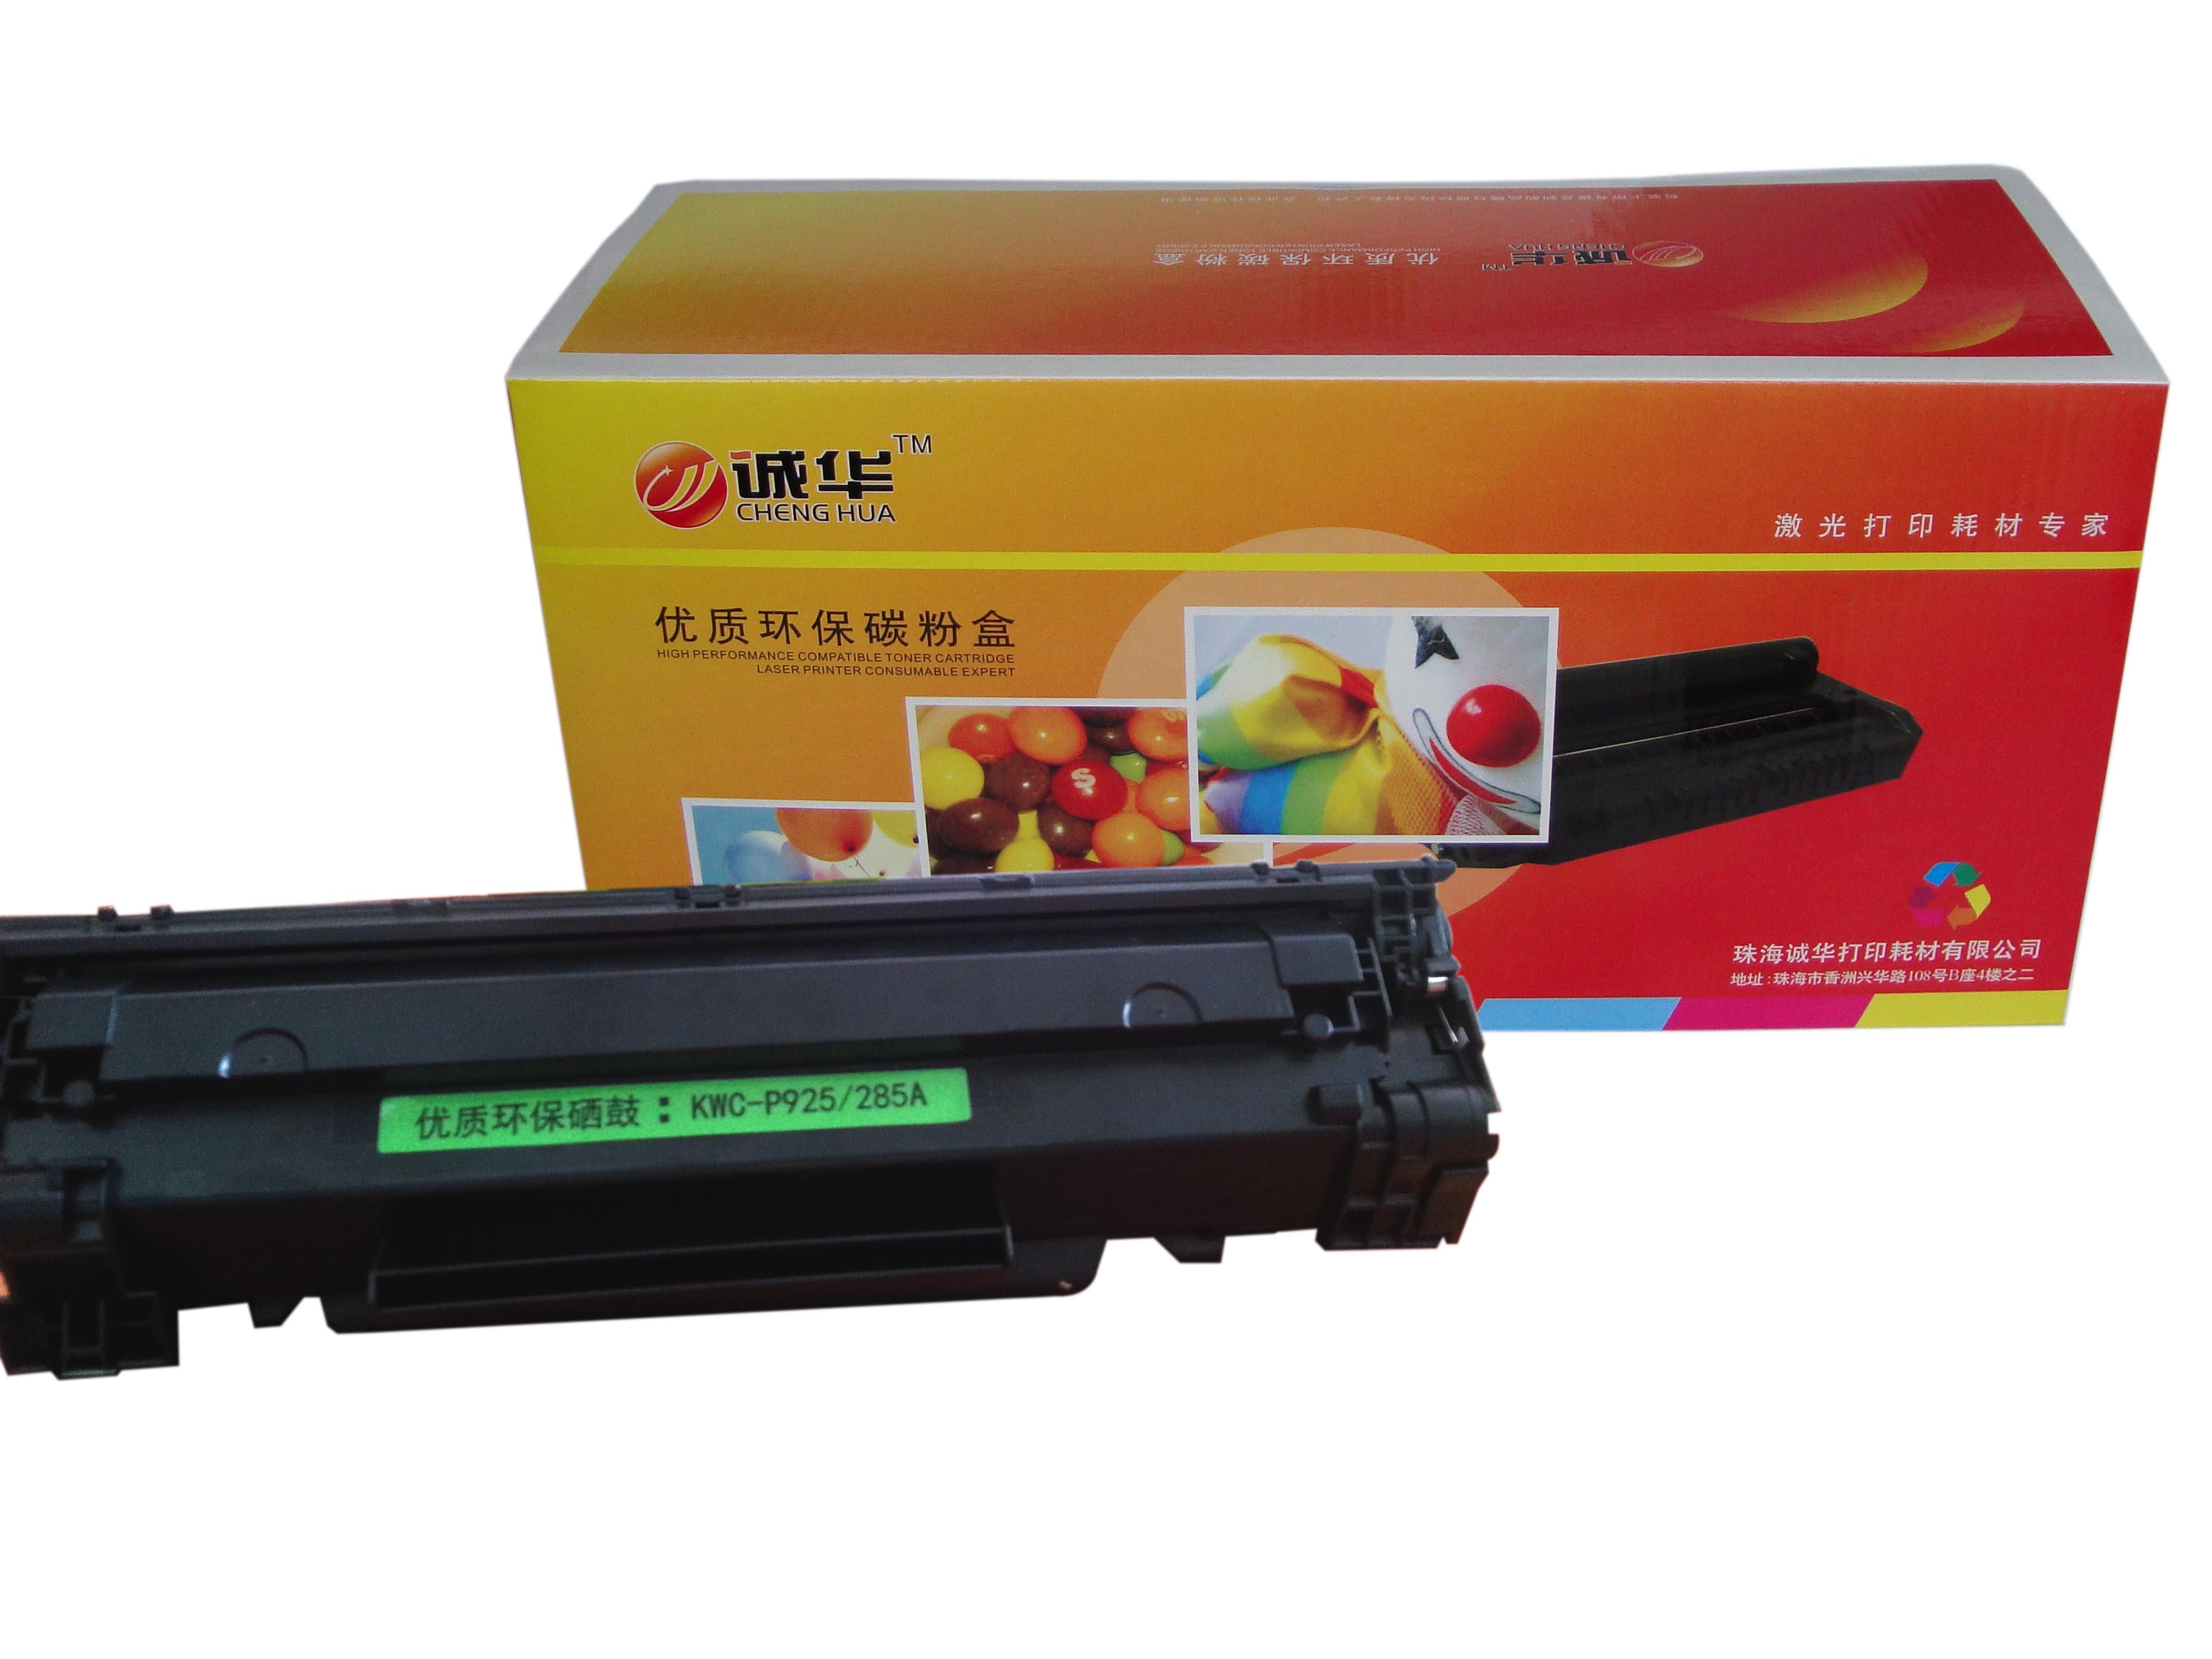 Lbp3018b printer